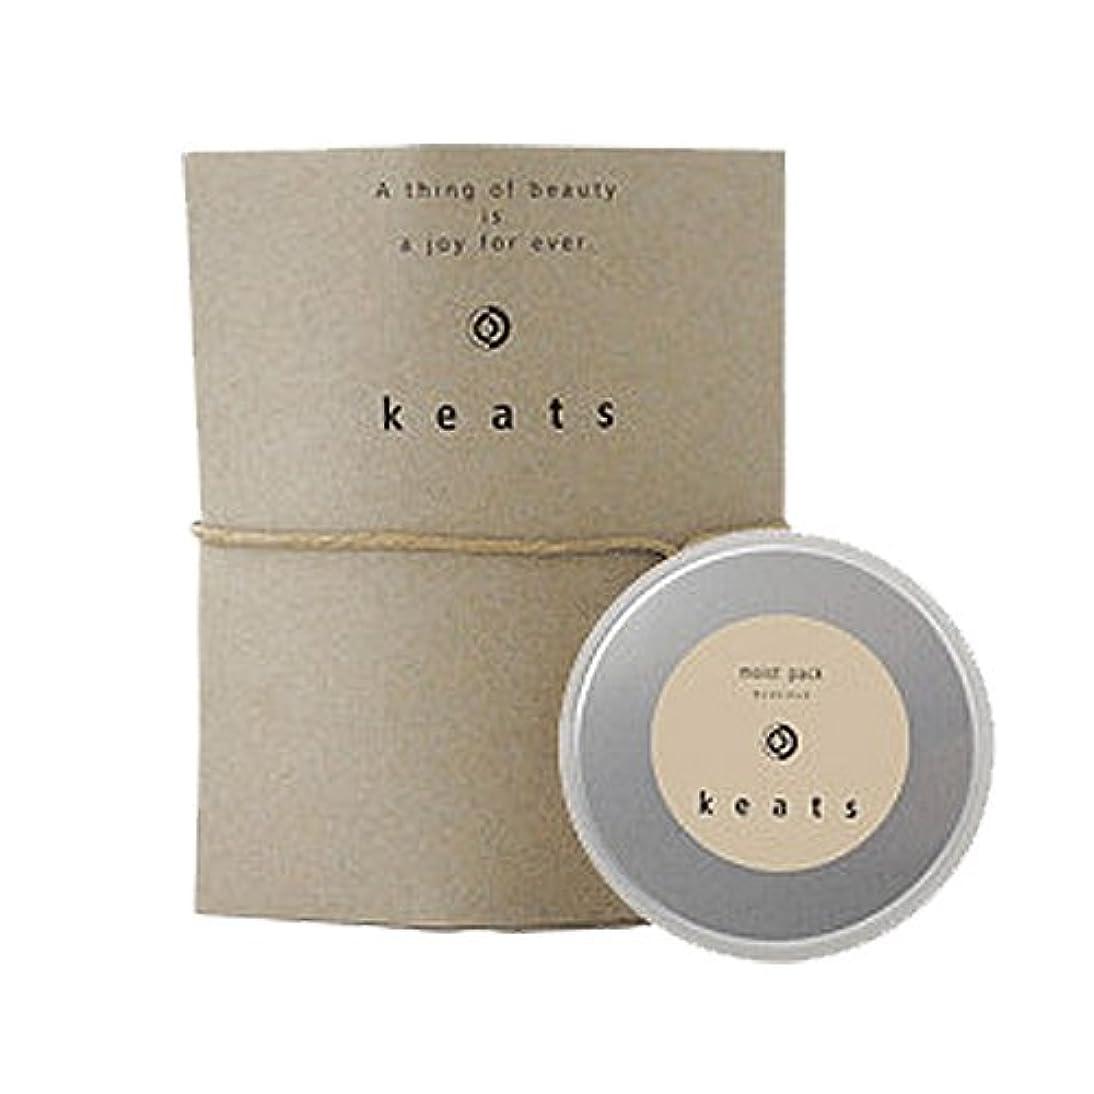 まとめるトースト省キーツ(keats) モイストパック 80g[並行輸入品]